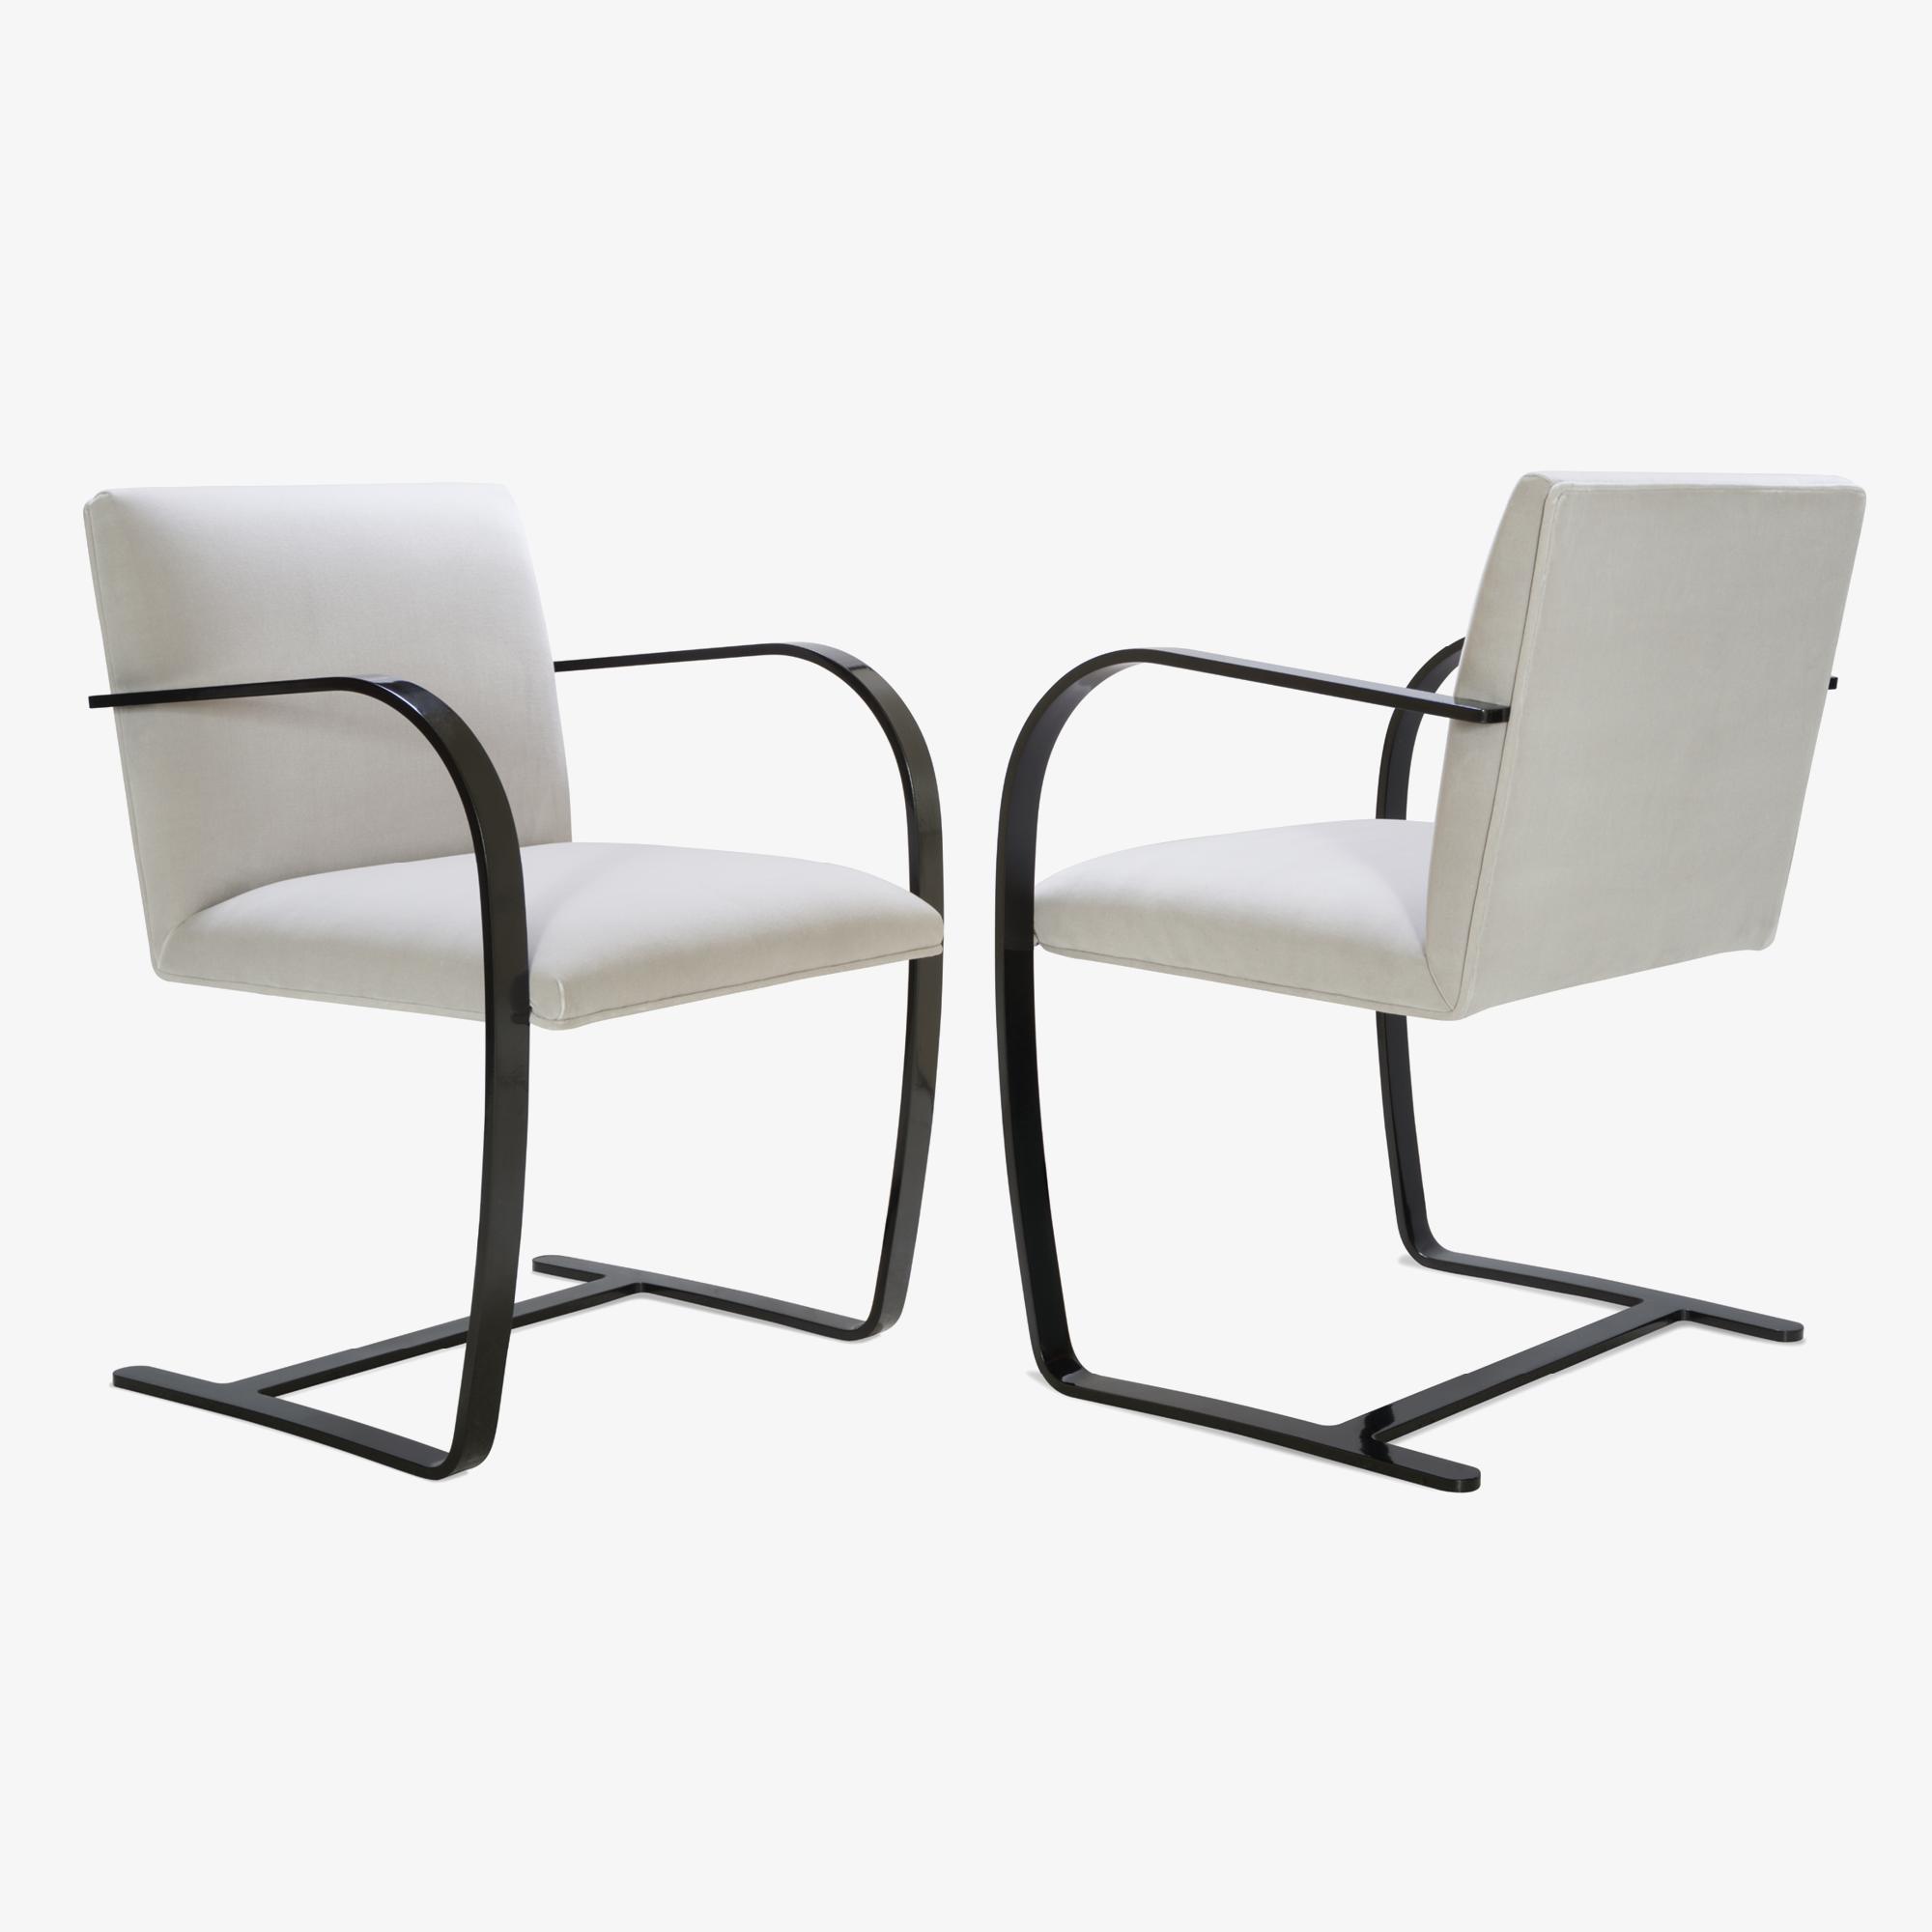 Brno Flat-Bar Chair in Dove Velvet, Obsidian Gloss4.png